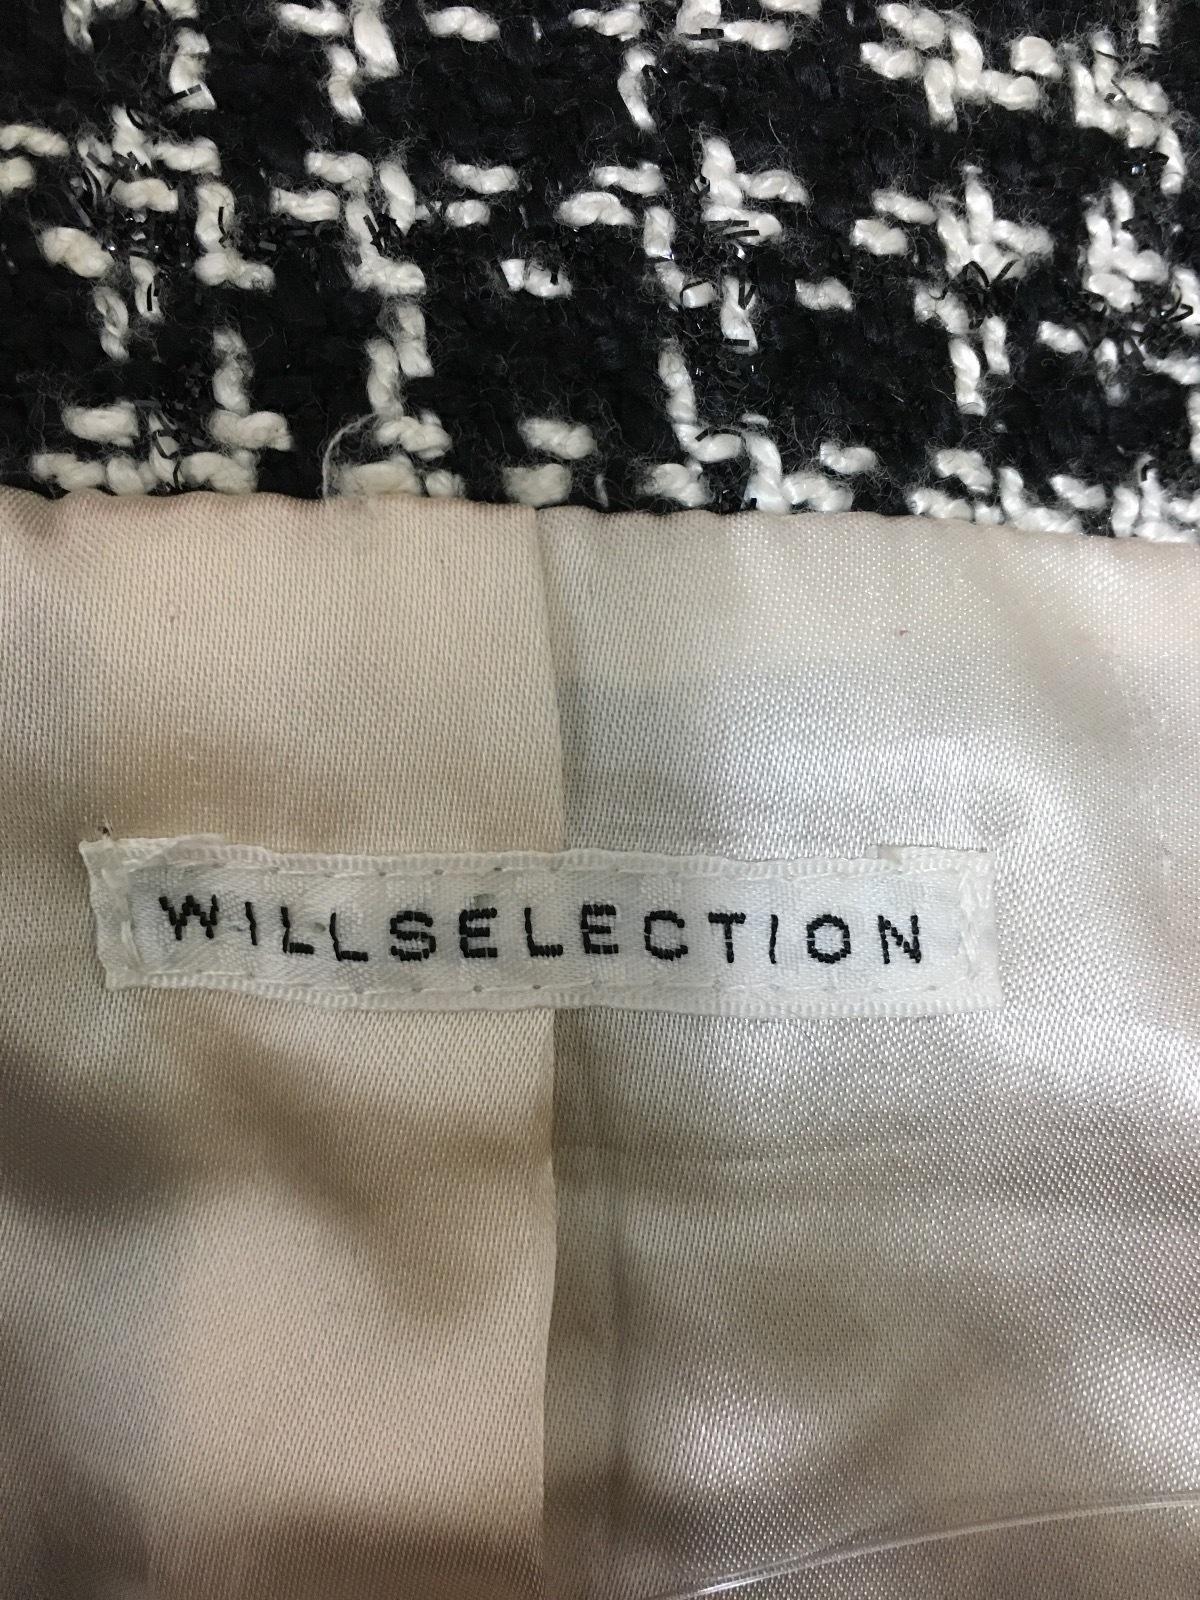 WILLSELECTION(ウィルセレクション)のコート